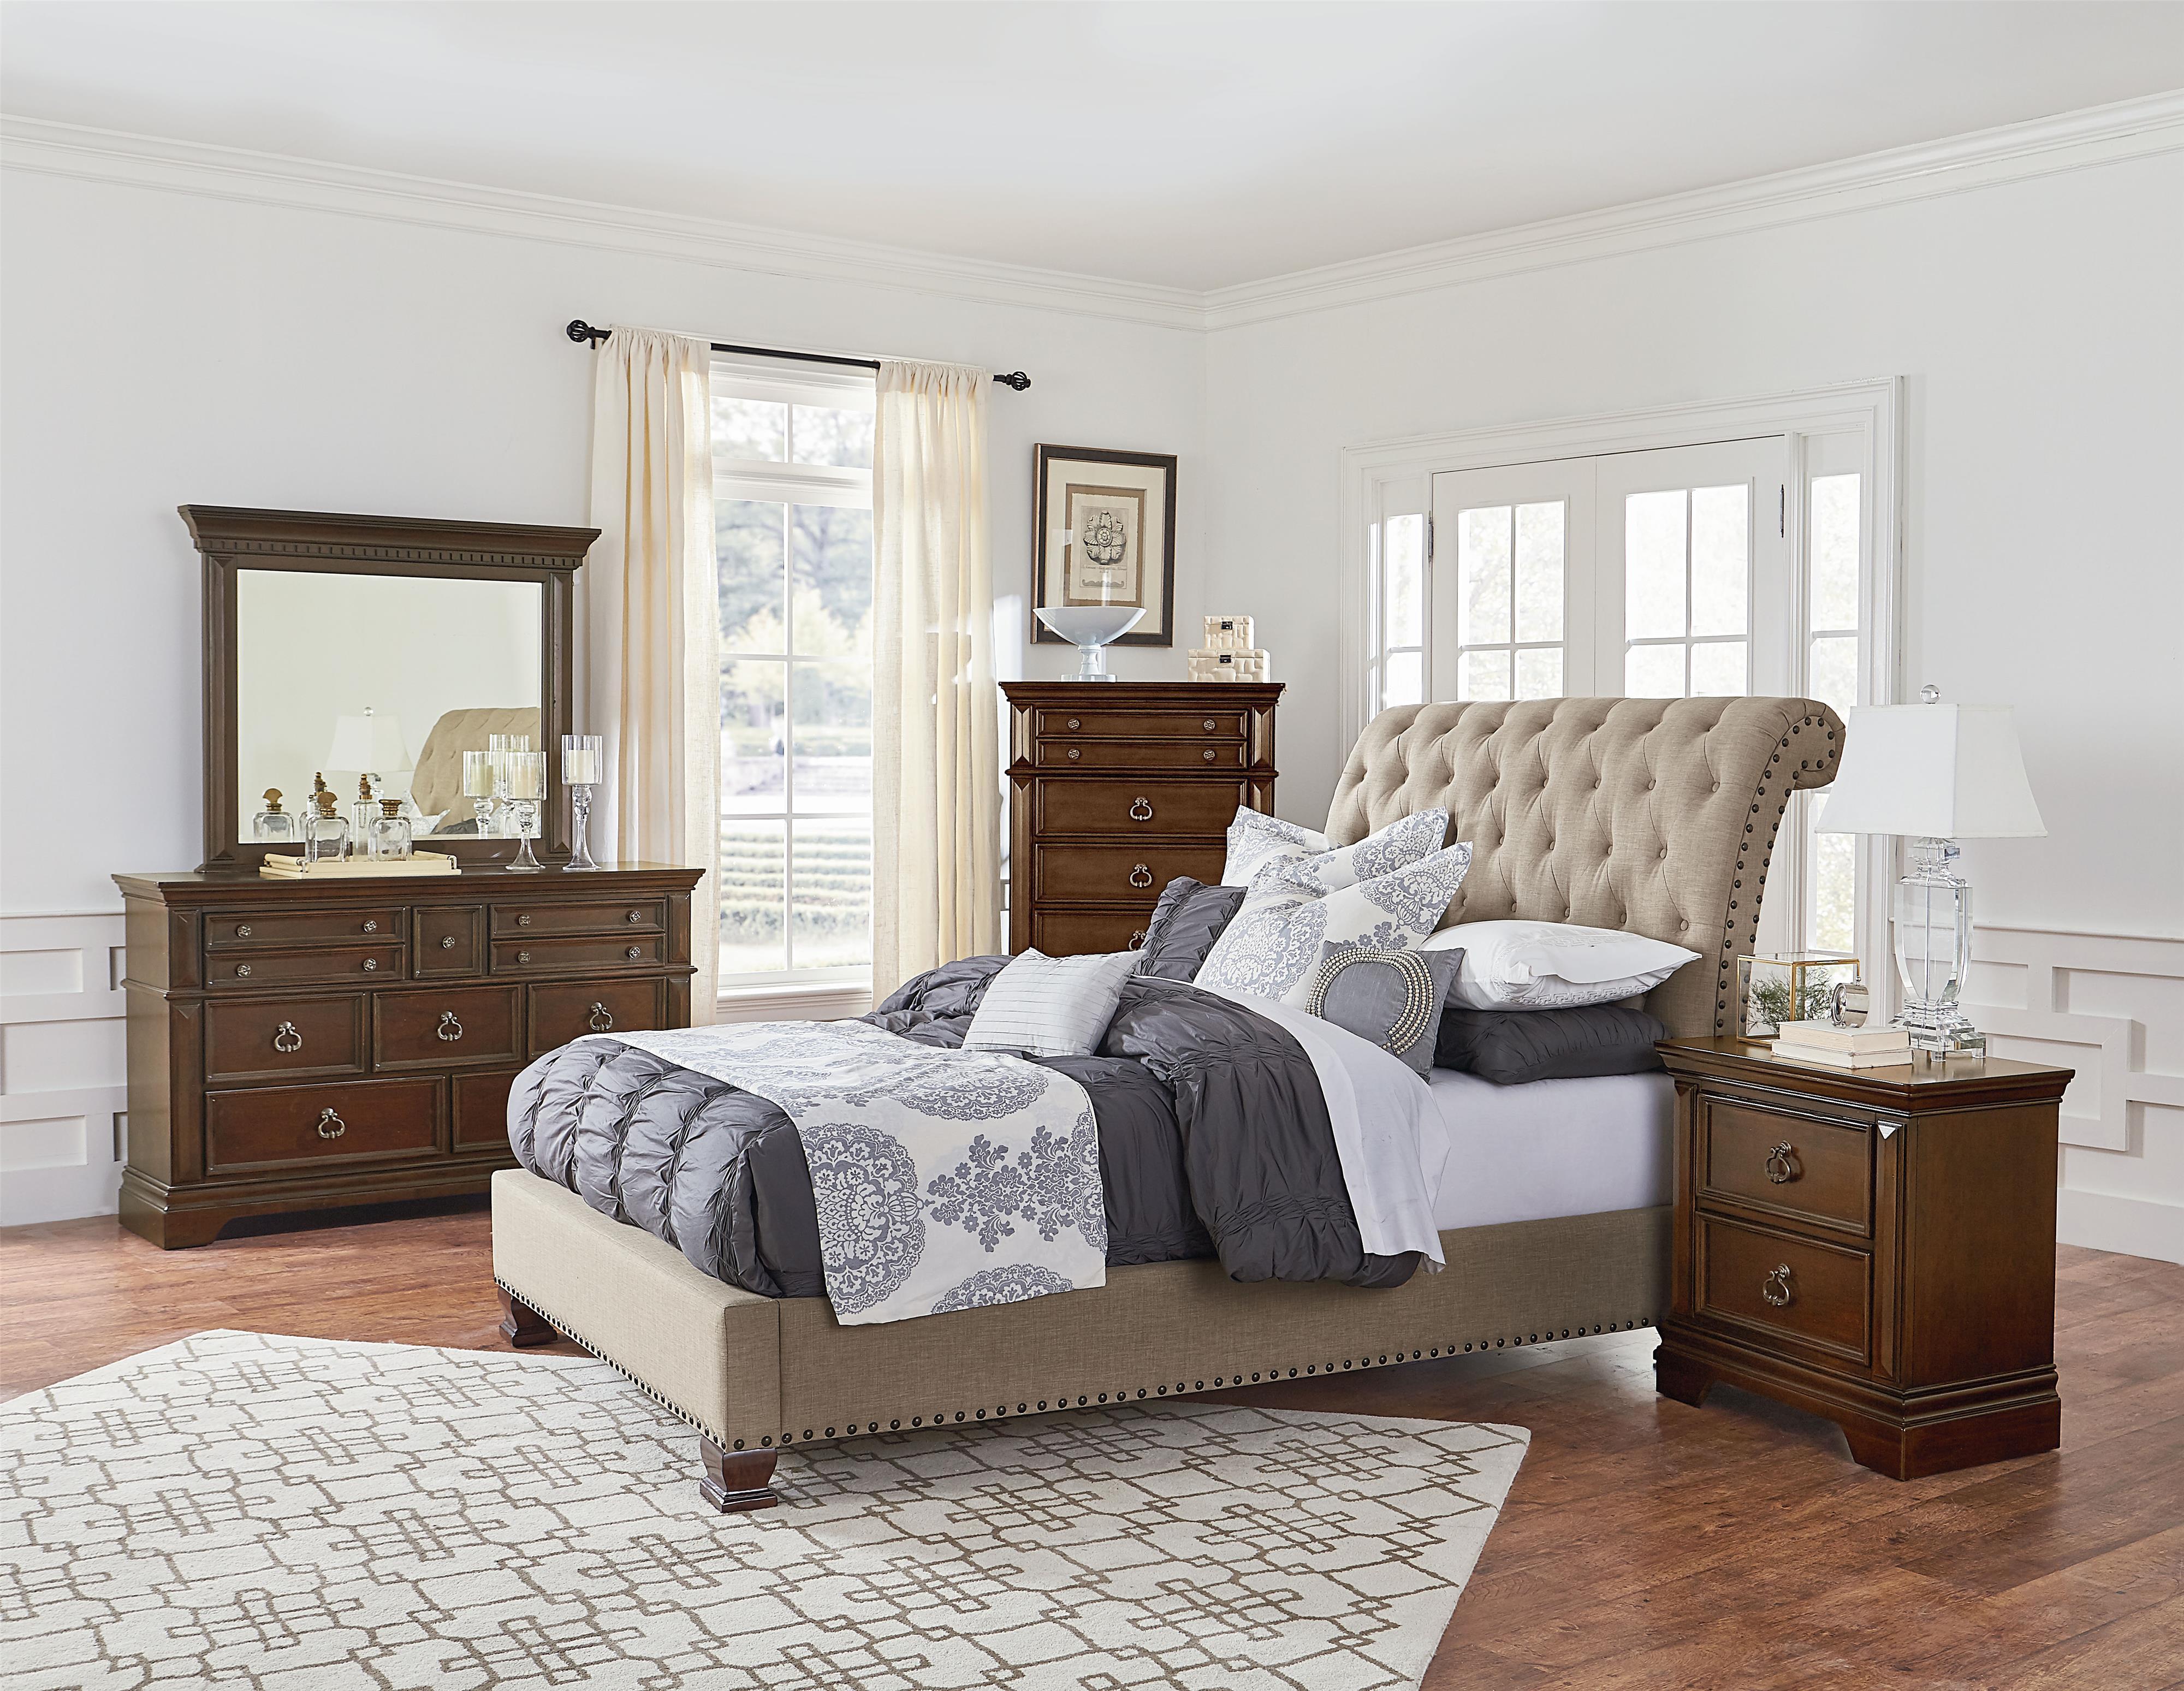 Standard Furniture Charleston Upholstered Bedroom Group - Item Number: 96000 Q Bedroom Group 2